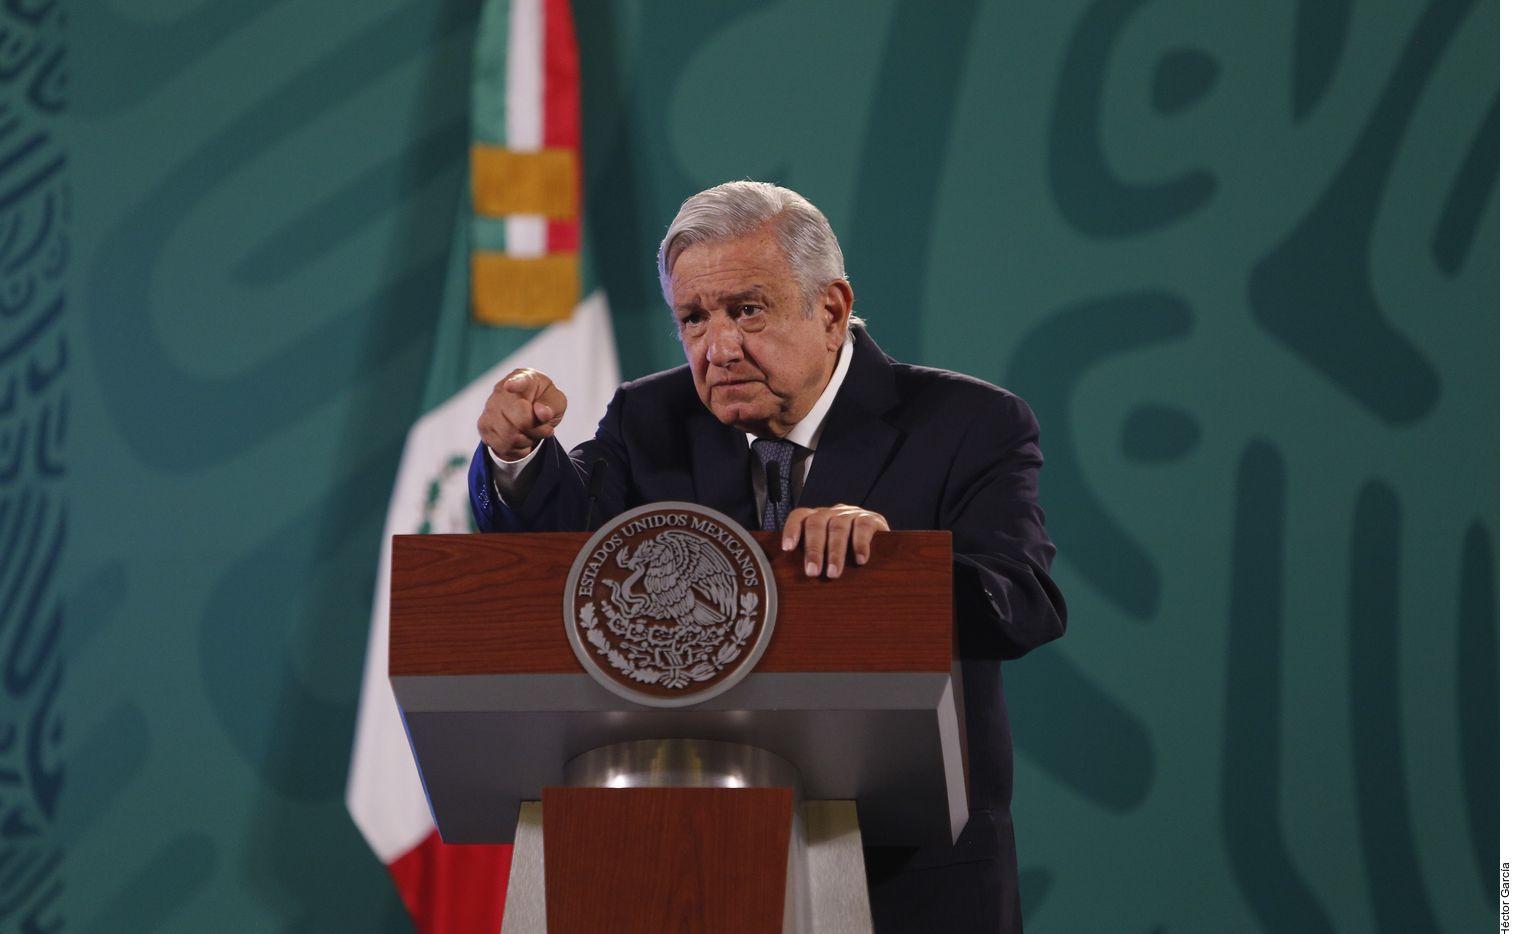 """El presidente mexicano Andrés Manuel López Obrador acusó el jueves a Washington de intervenir en asuntos mexicanos por """"financiar"""" a opositores a su gobierno."""